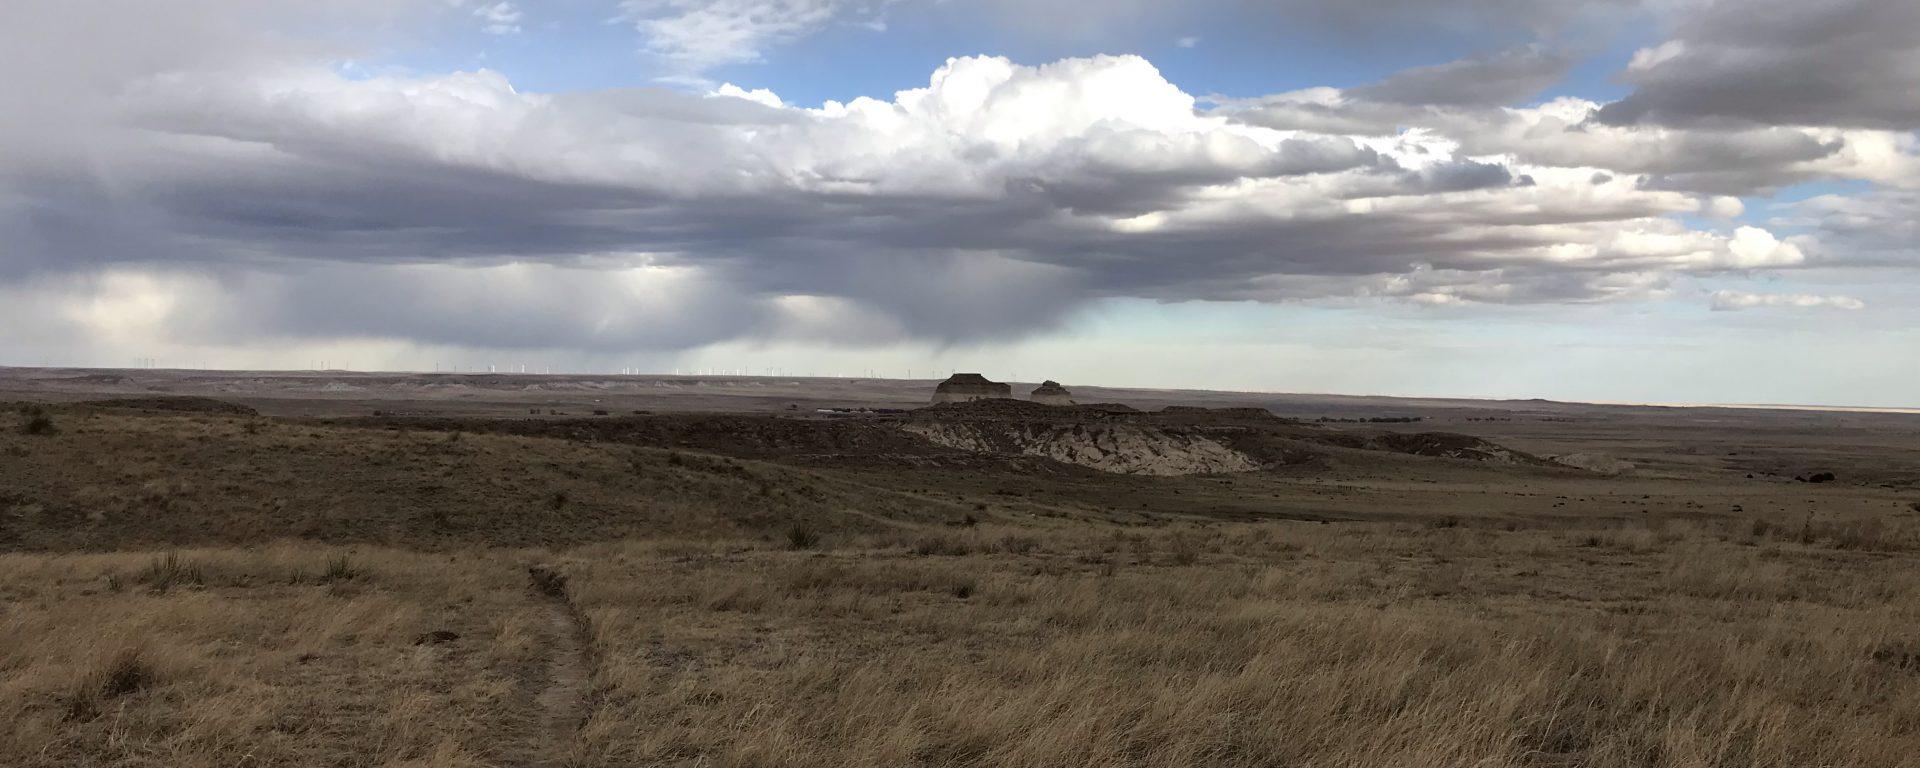 Vast prairie east of Denver, Colorado